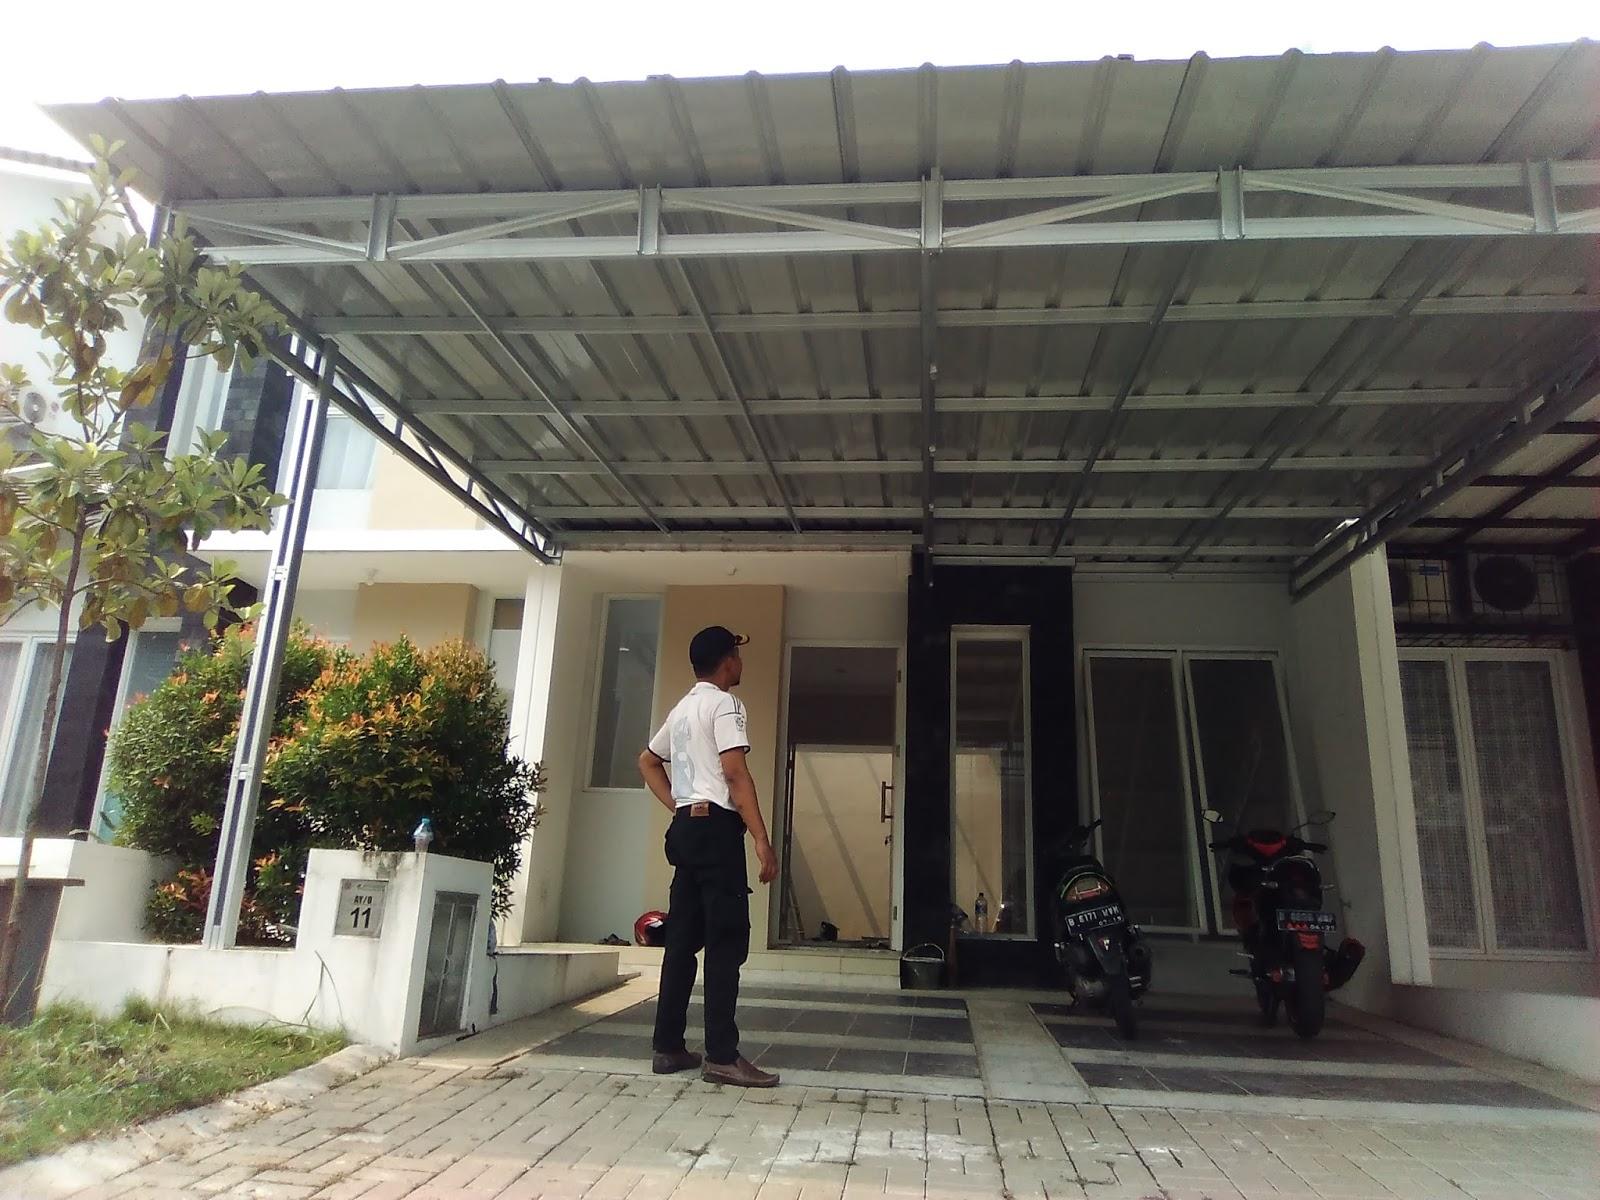 Baja Ringan Truss C75 Dekorinto Utama: Dokumentasi Pekerjaan Canopy Rangka ...